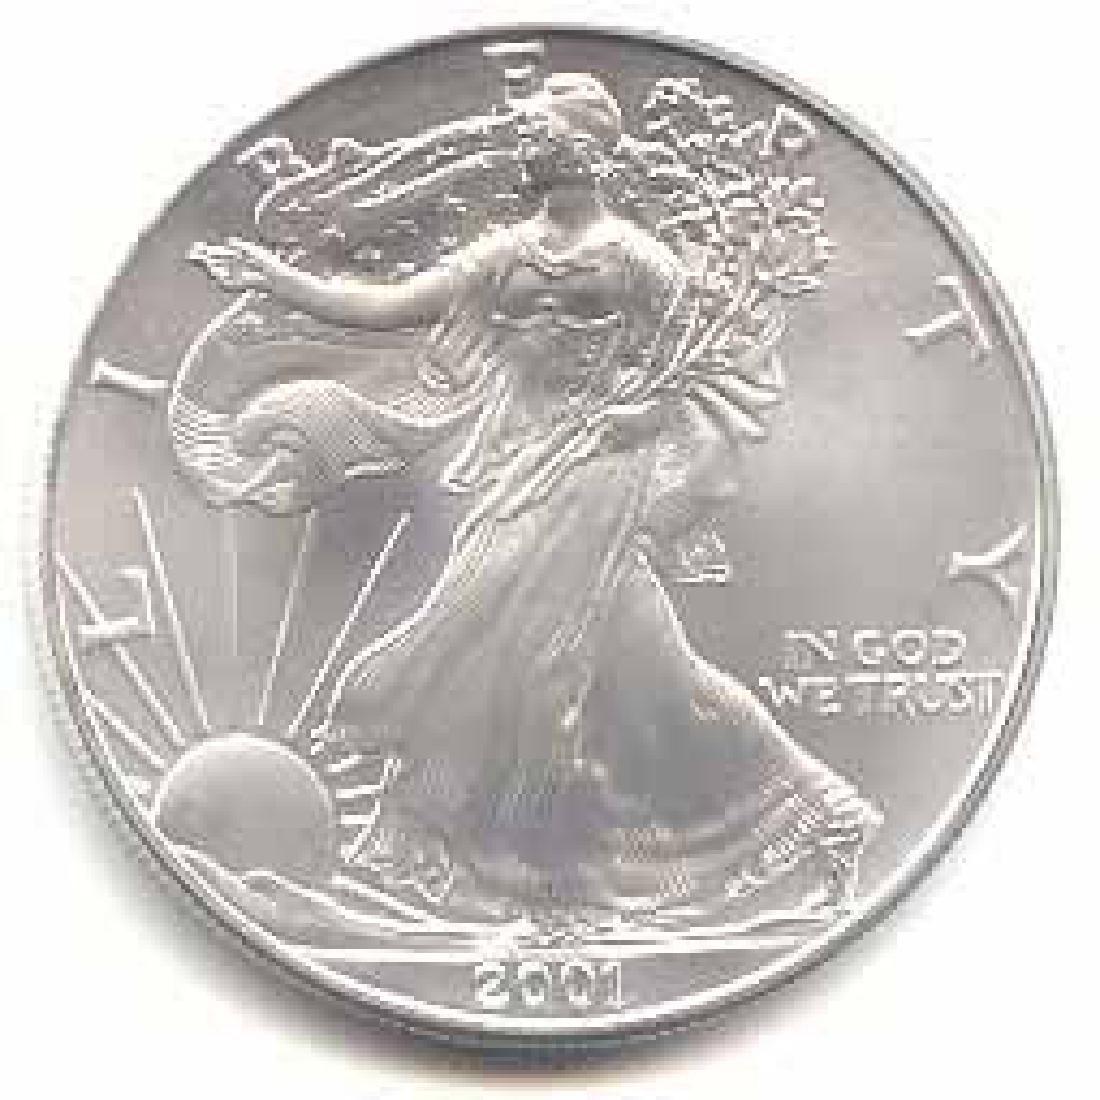 2001 1 oz Silver American Eagle BU